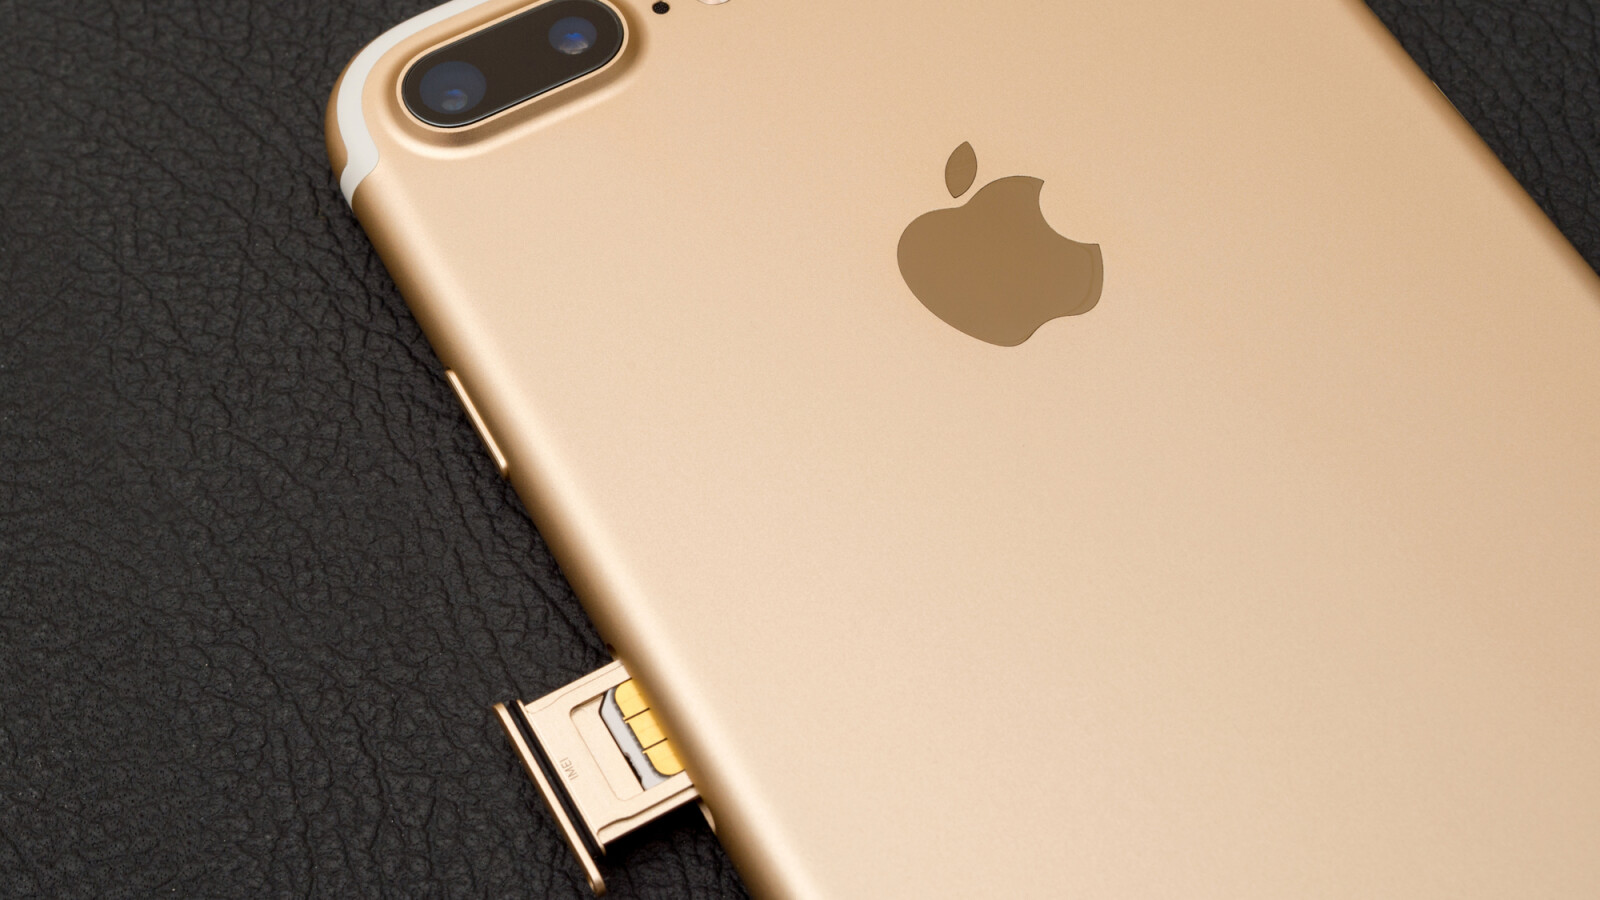 Iphone 5s Sim Karte Einlegen.Iphone 7 Plus Sim Karte Einlegen Welches Format Brauche